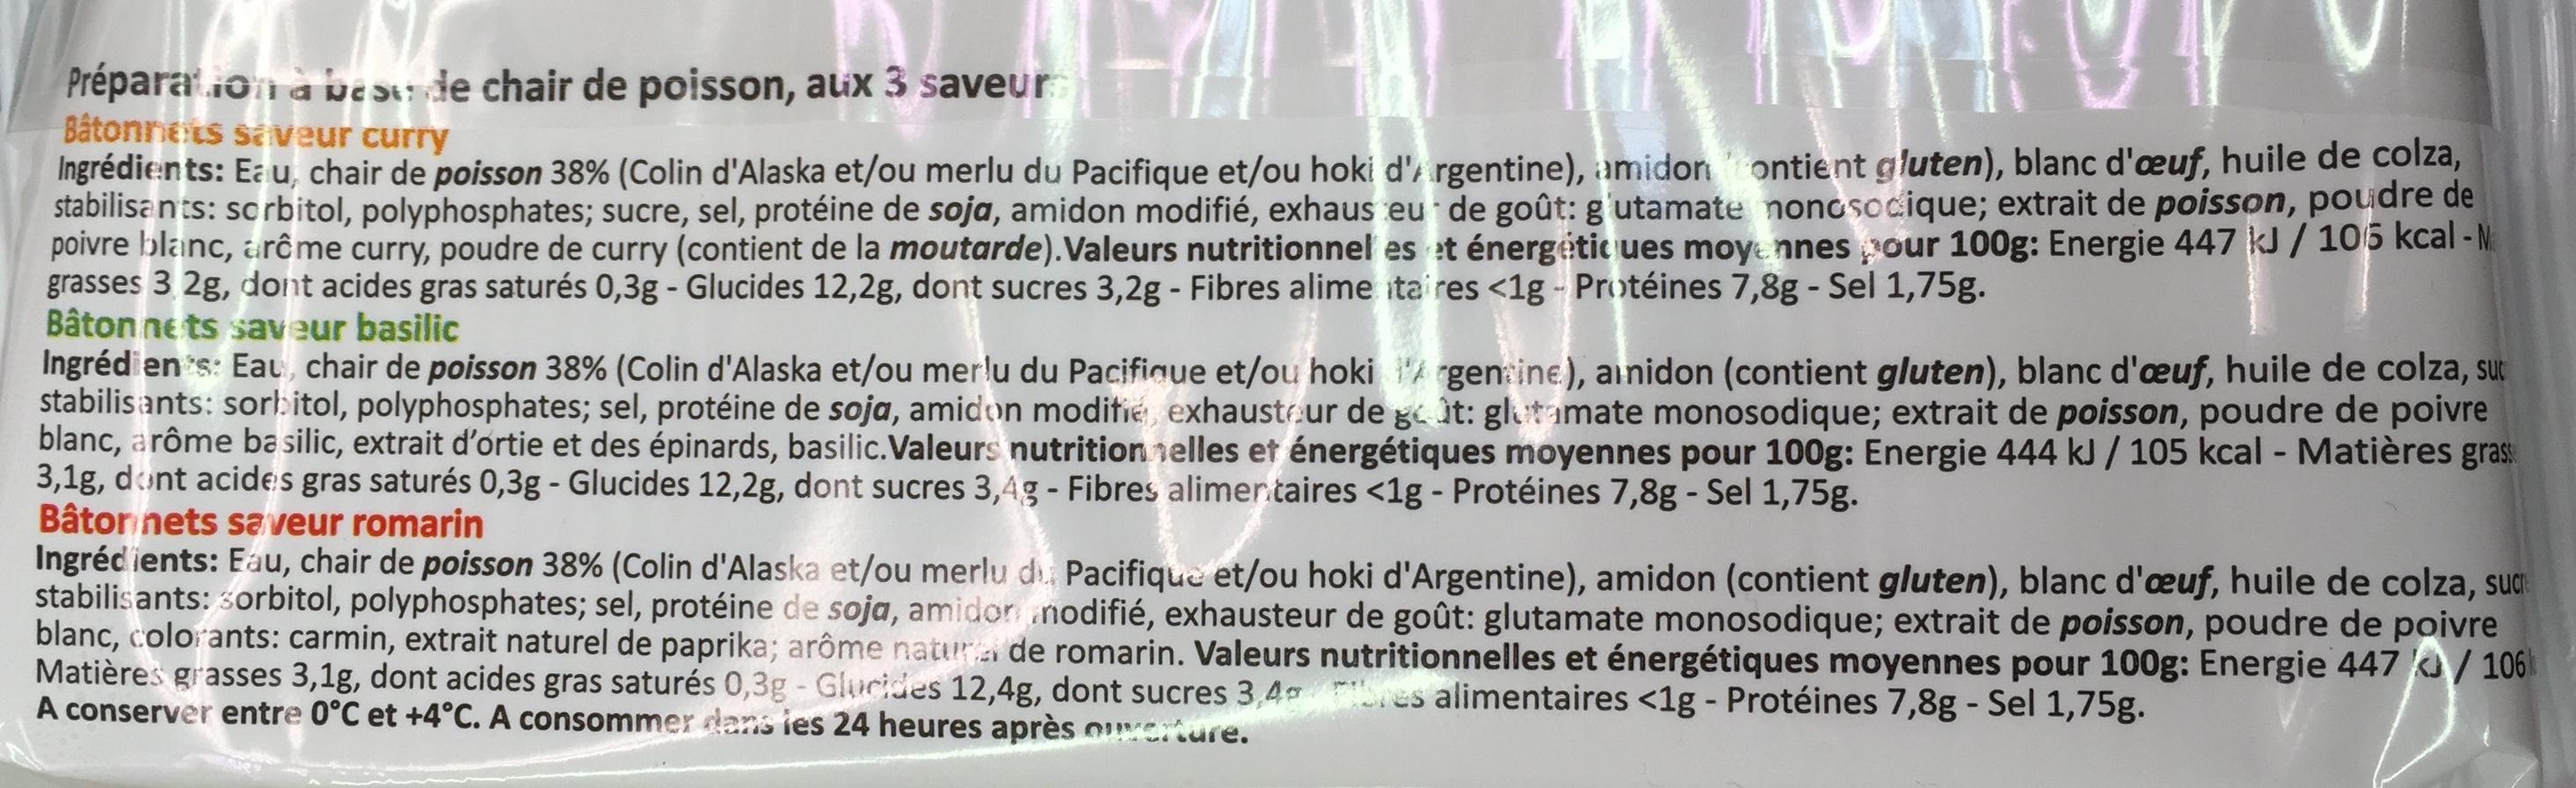 Bâtonnets aux 3 saveurs - Ingrédients